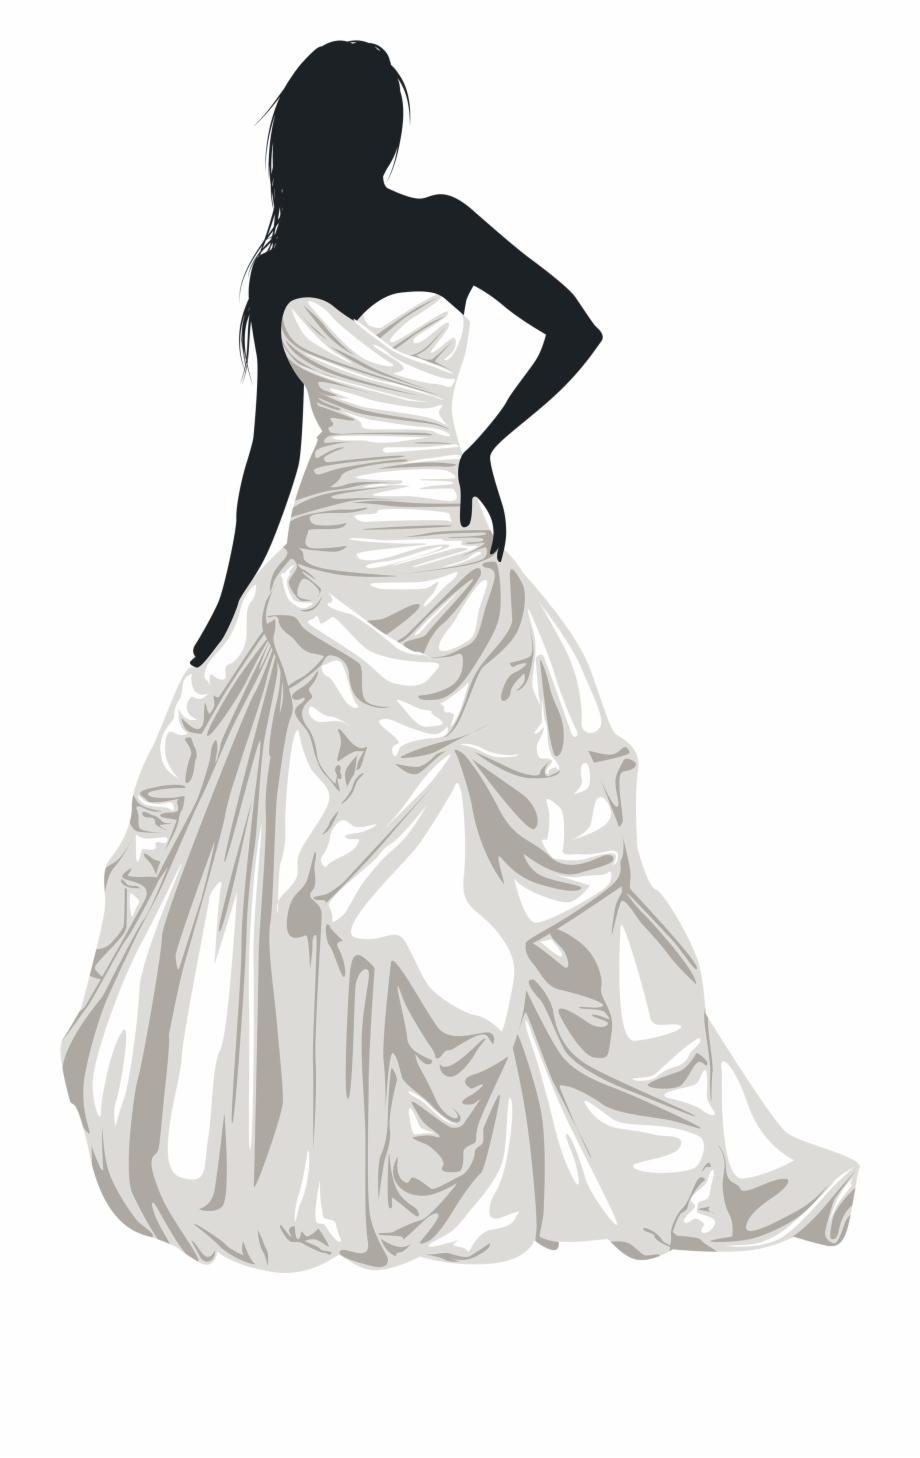 Bride Silhouette Clip Art.